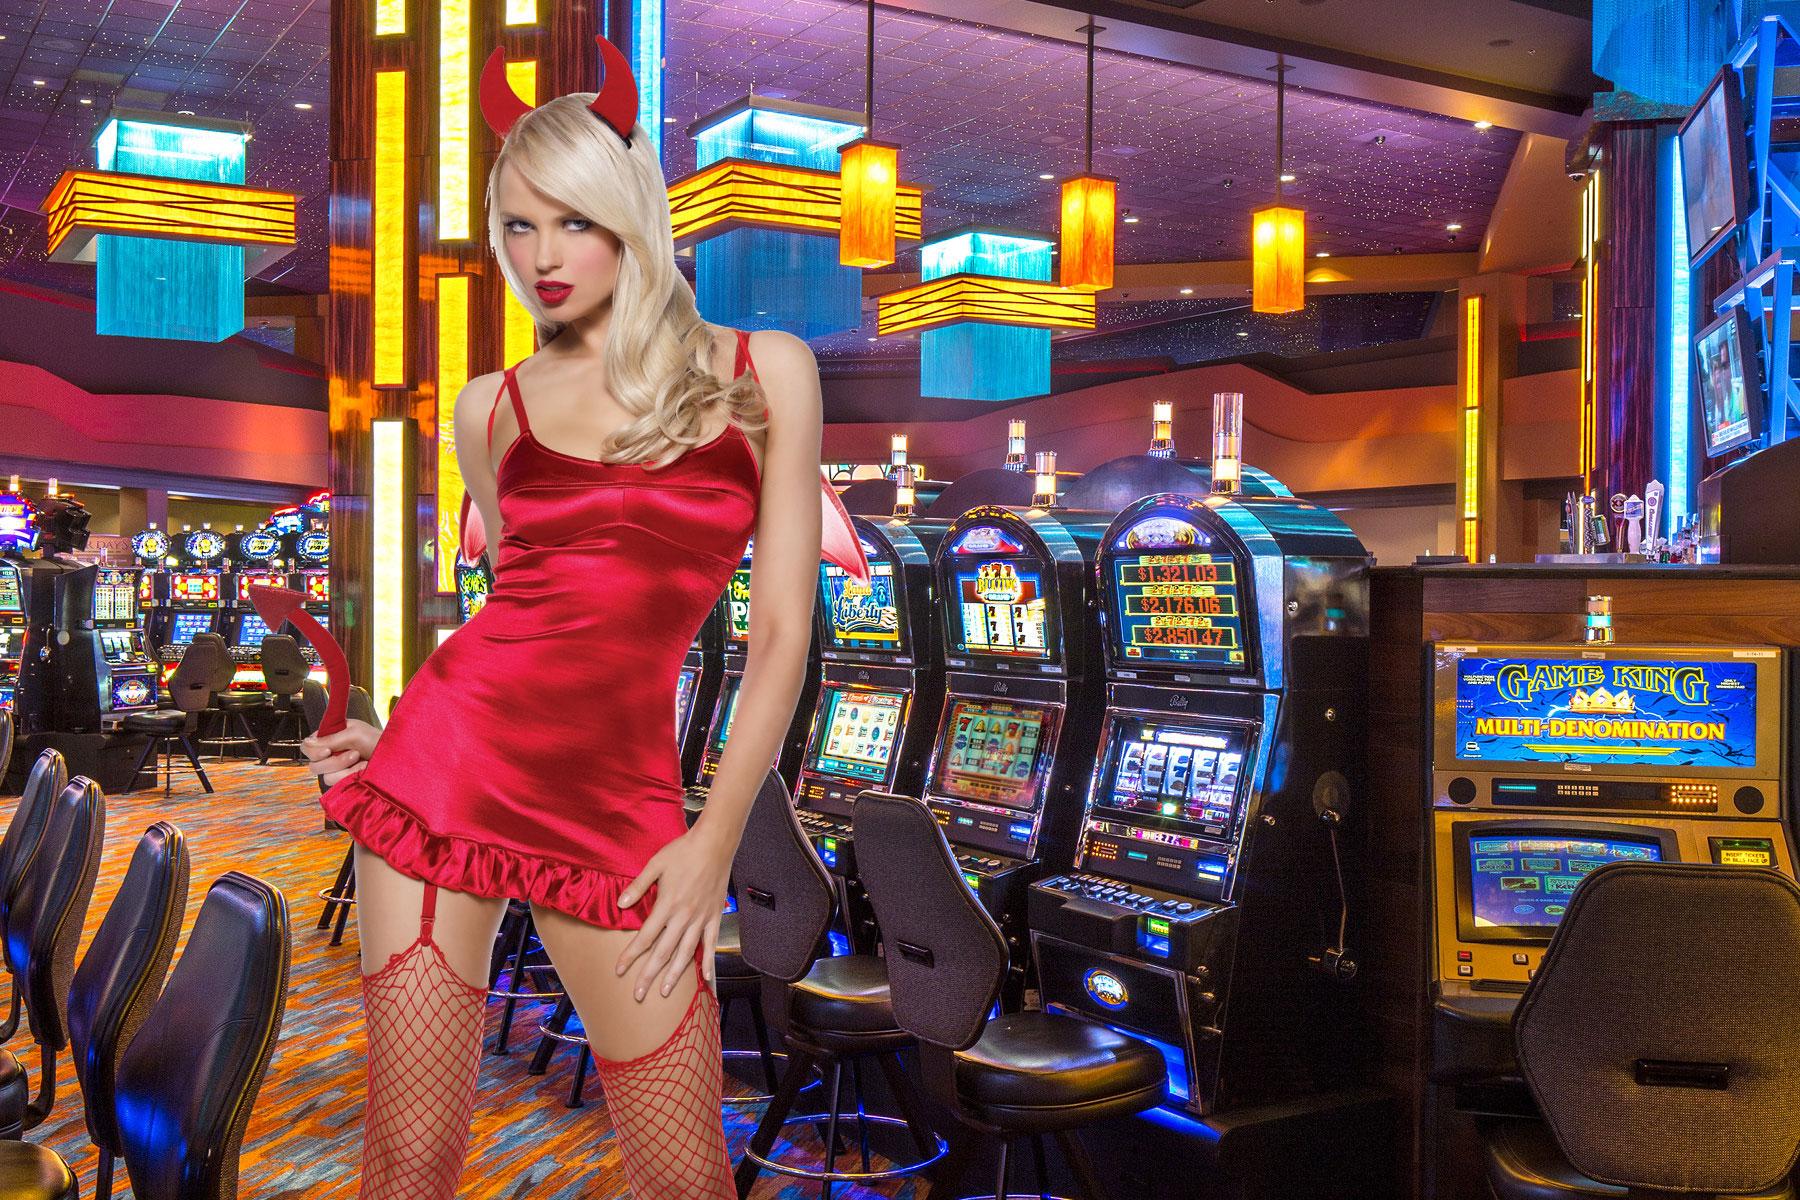 Виртуальный игровые автоматы игровые автоматы скачать на мобильный телефон